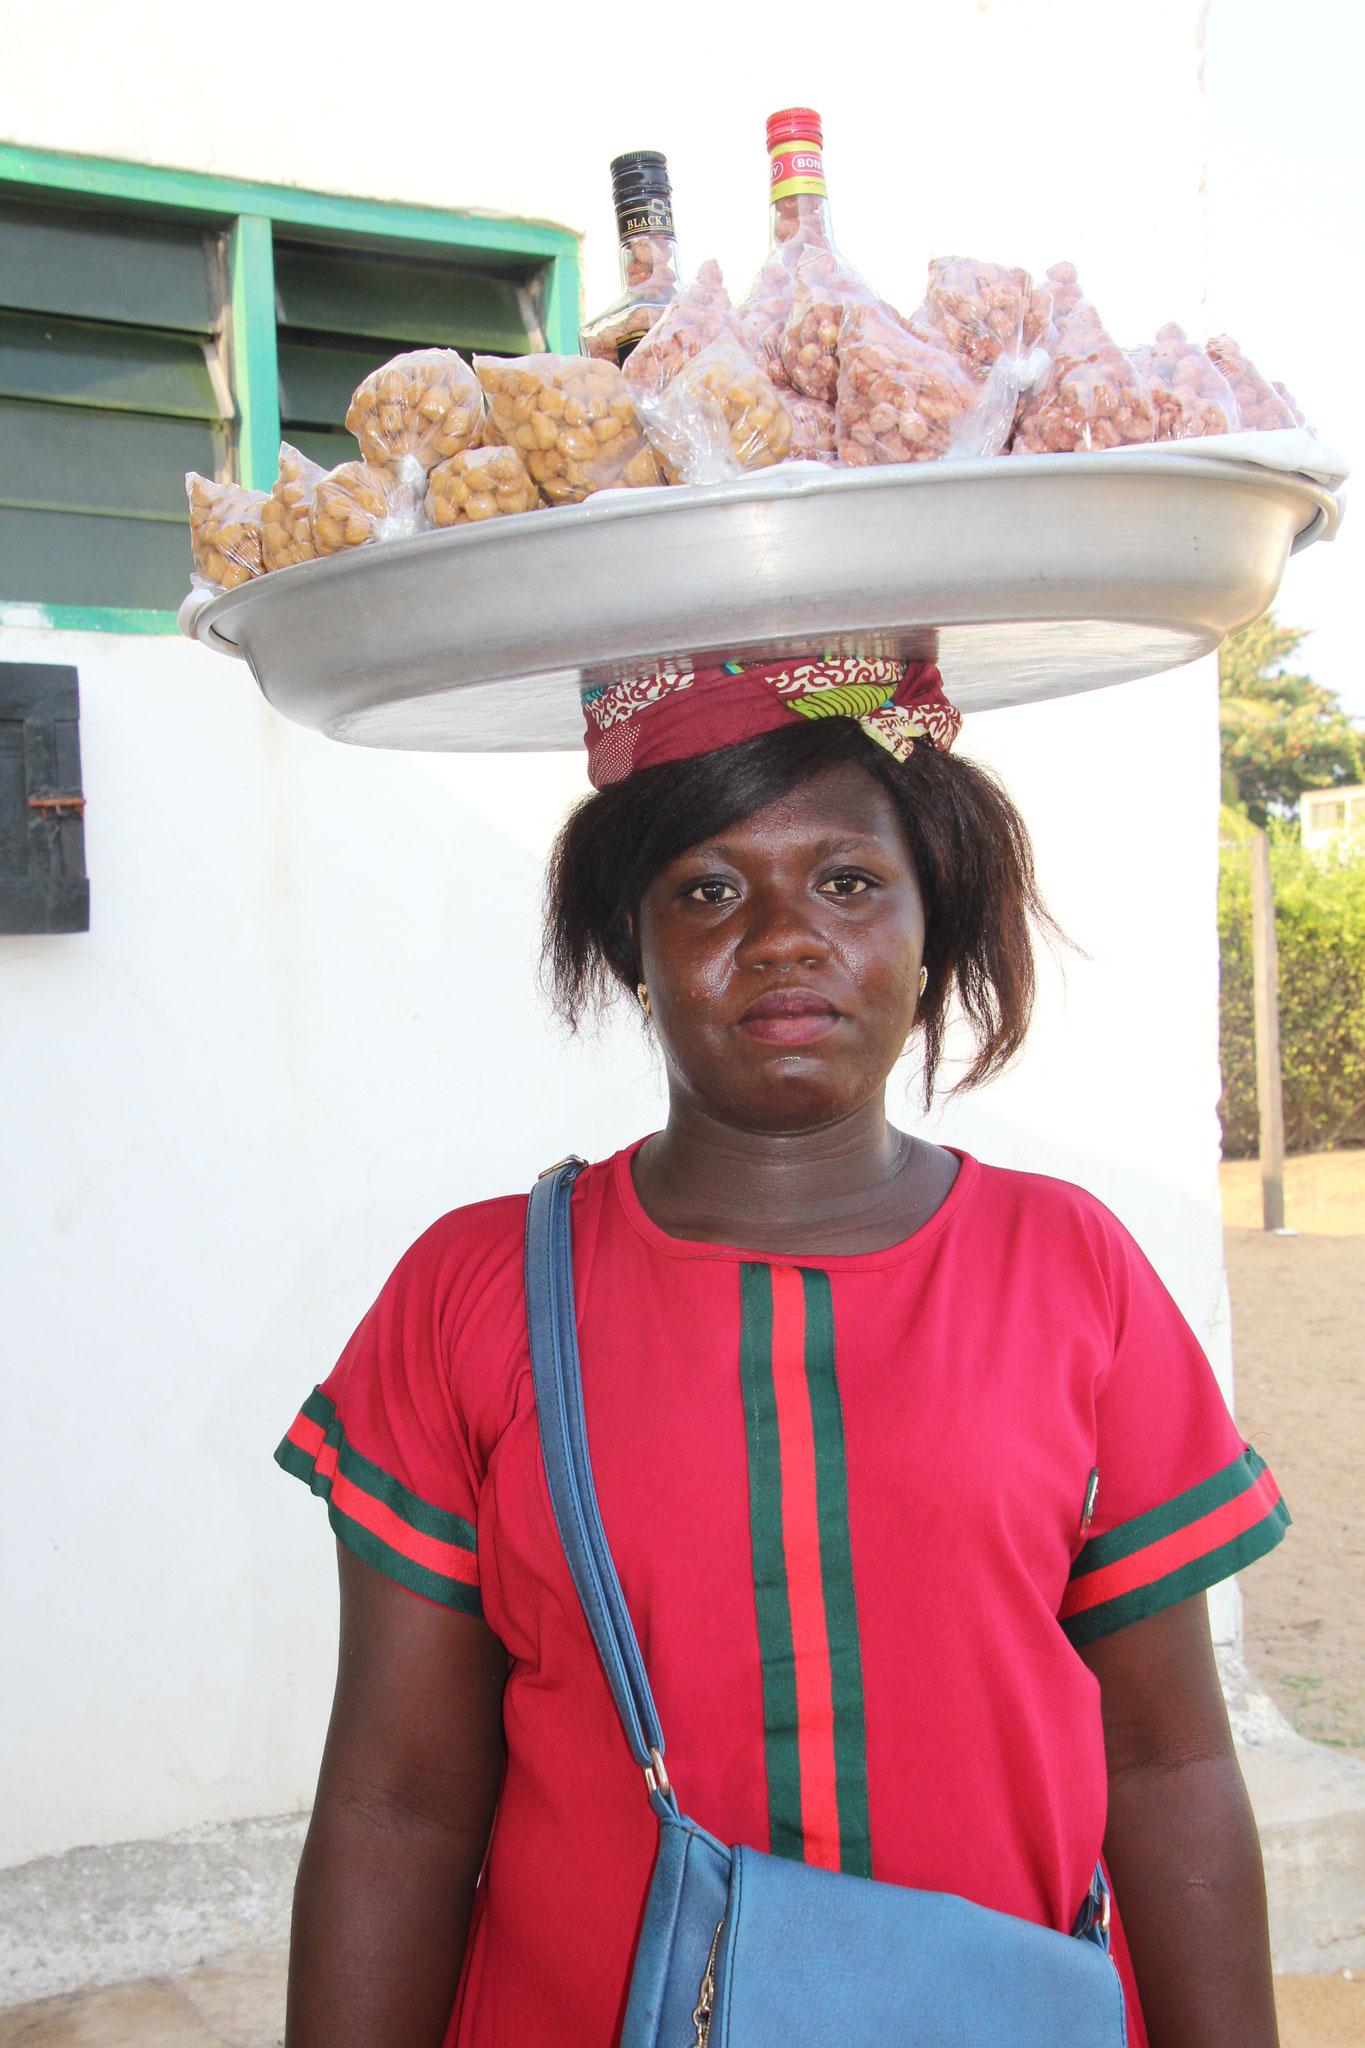 20. Sie verkauft gebrannte Erdnüsschen .